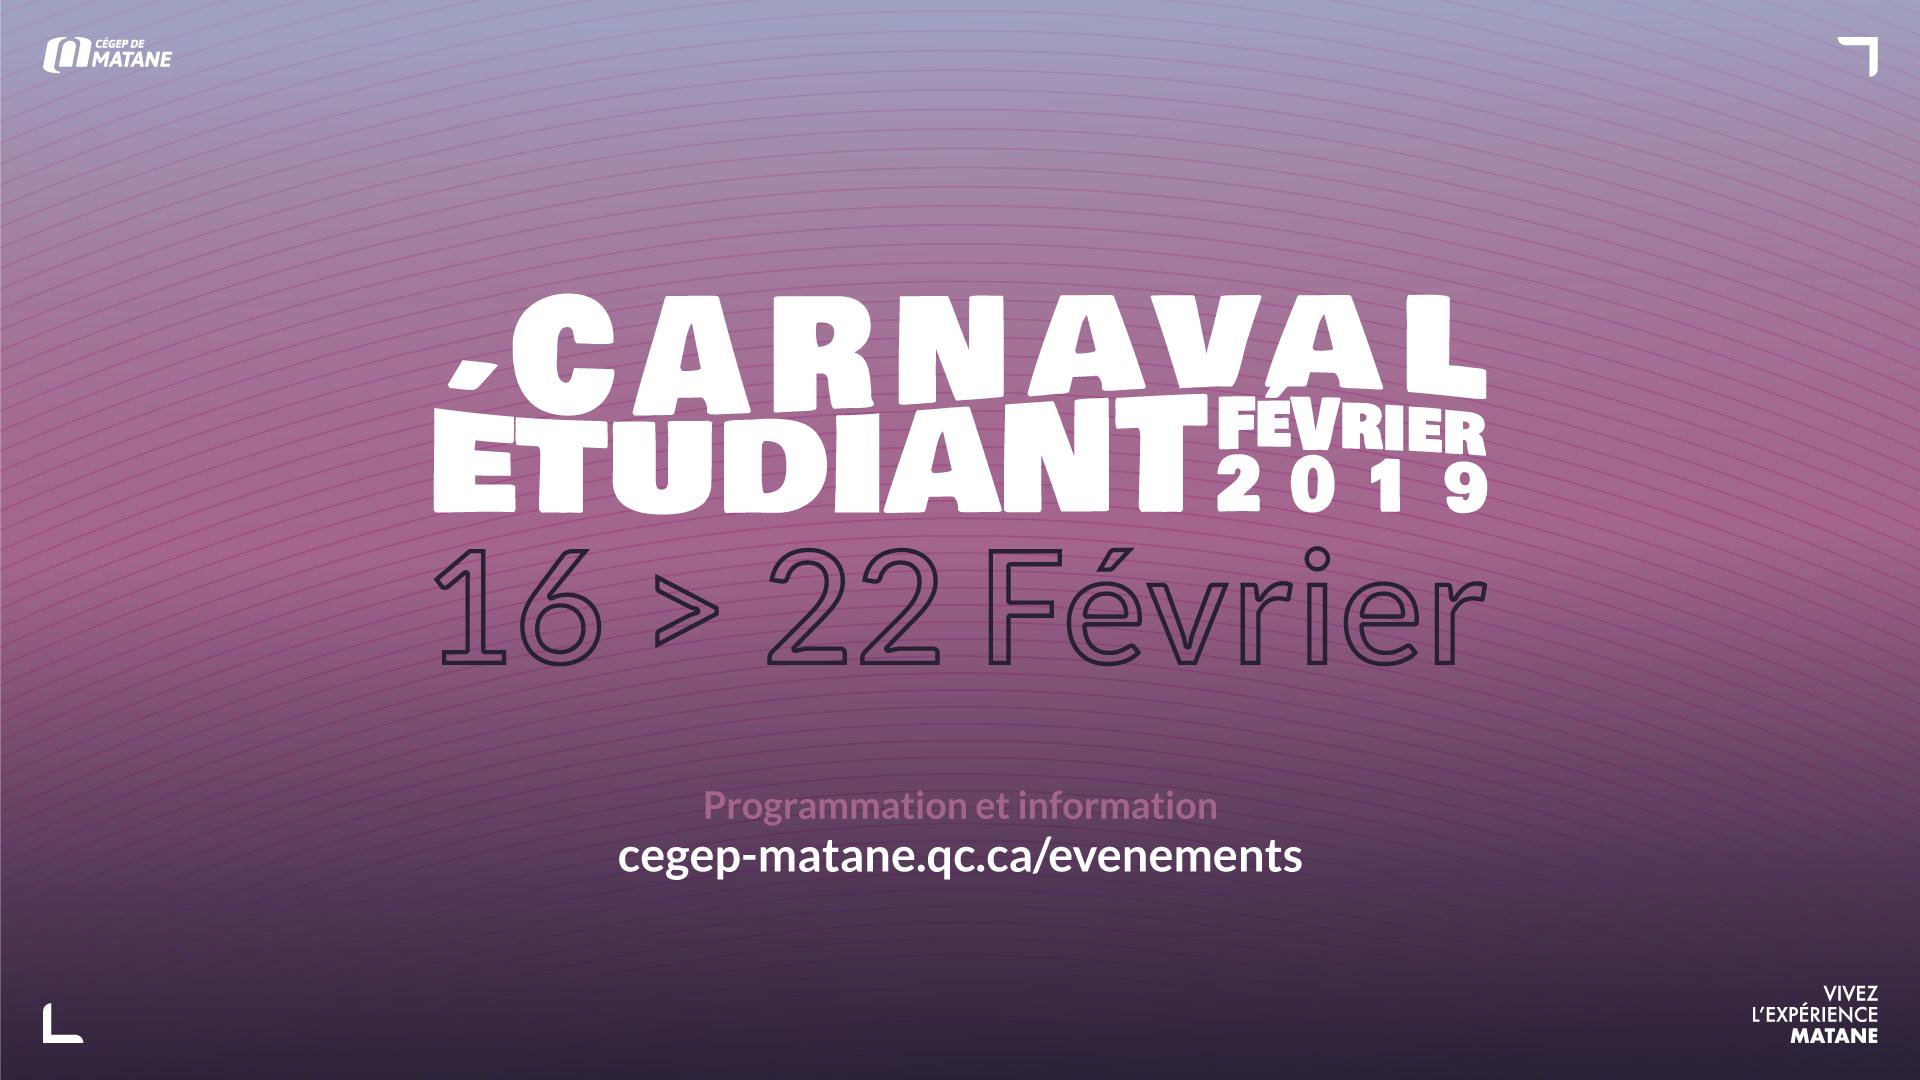 Du 16 au 22 février 2019 Semaine de carnaval étudiant au Cégep de Matane